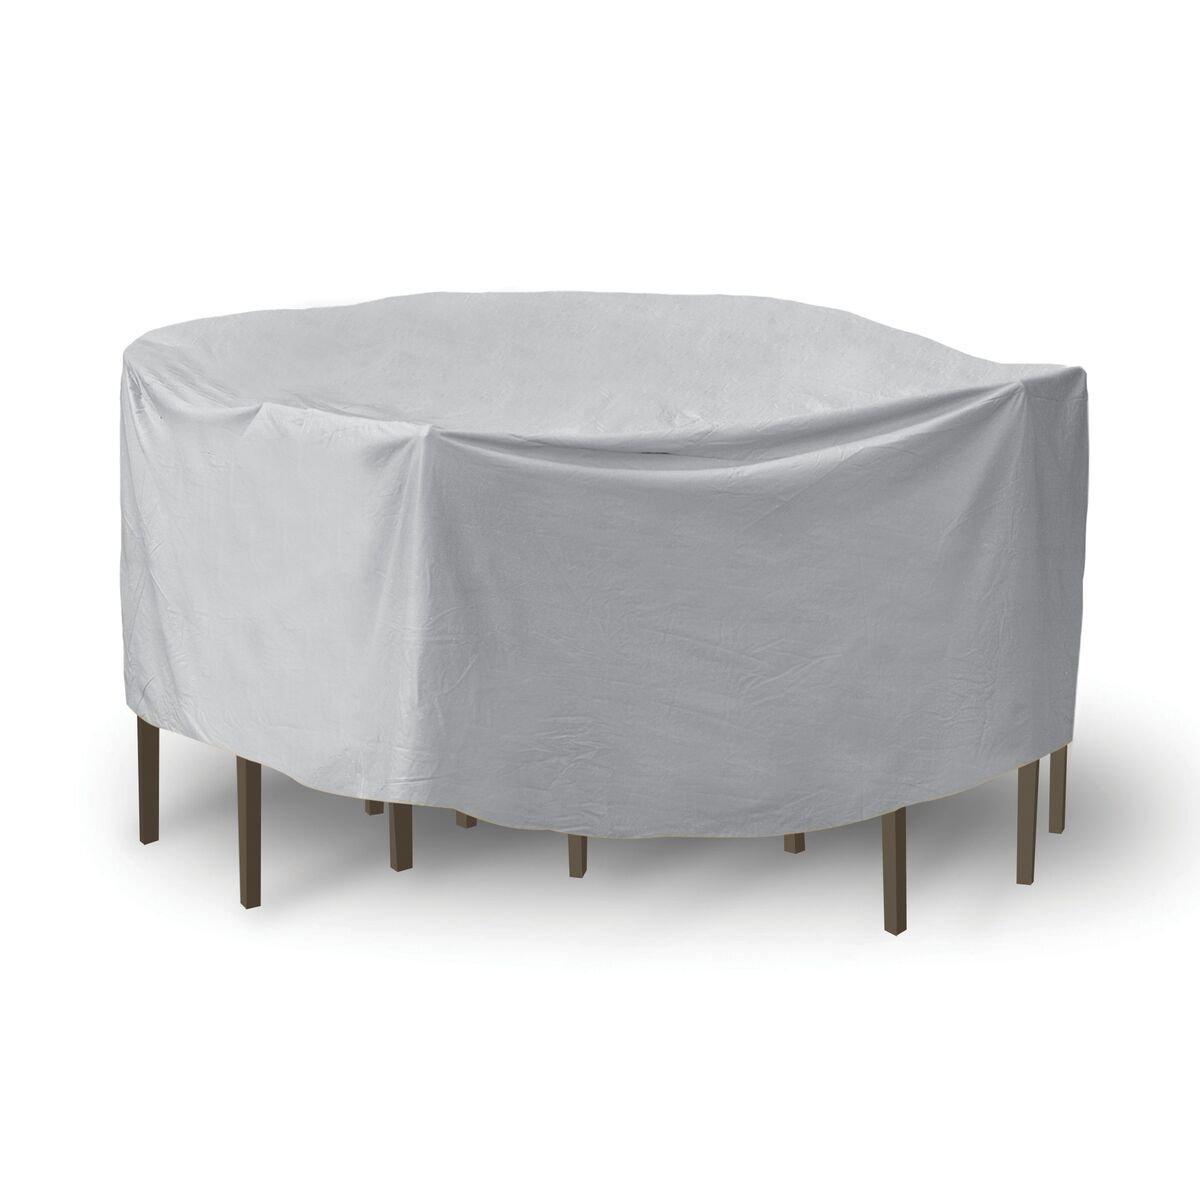 Schutzhüllen wetterfest Patio Tisch und Stuhl Set Cover, 121,9 x 137,2 cm, runder Tisch, grau